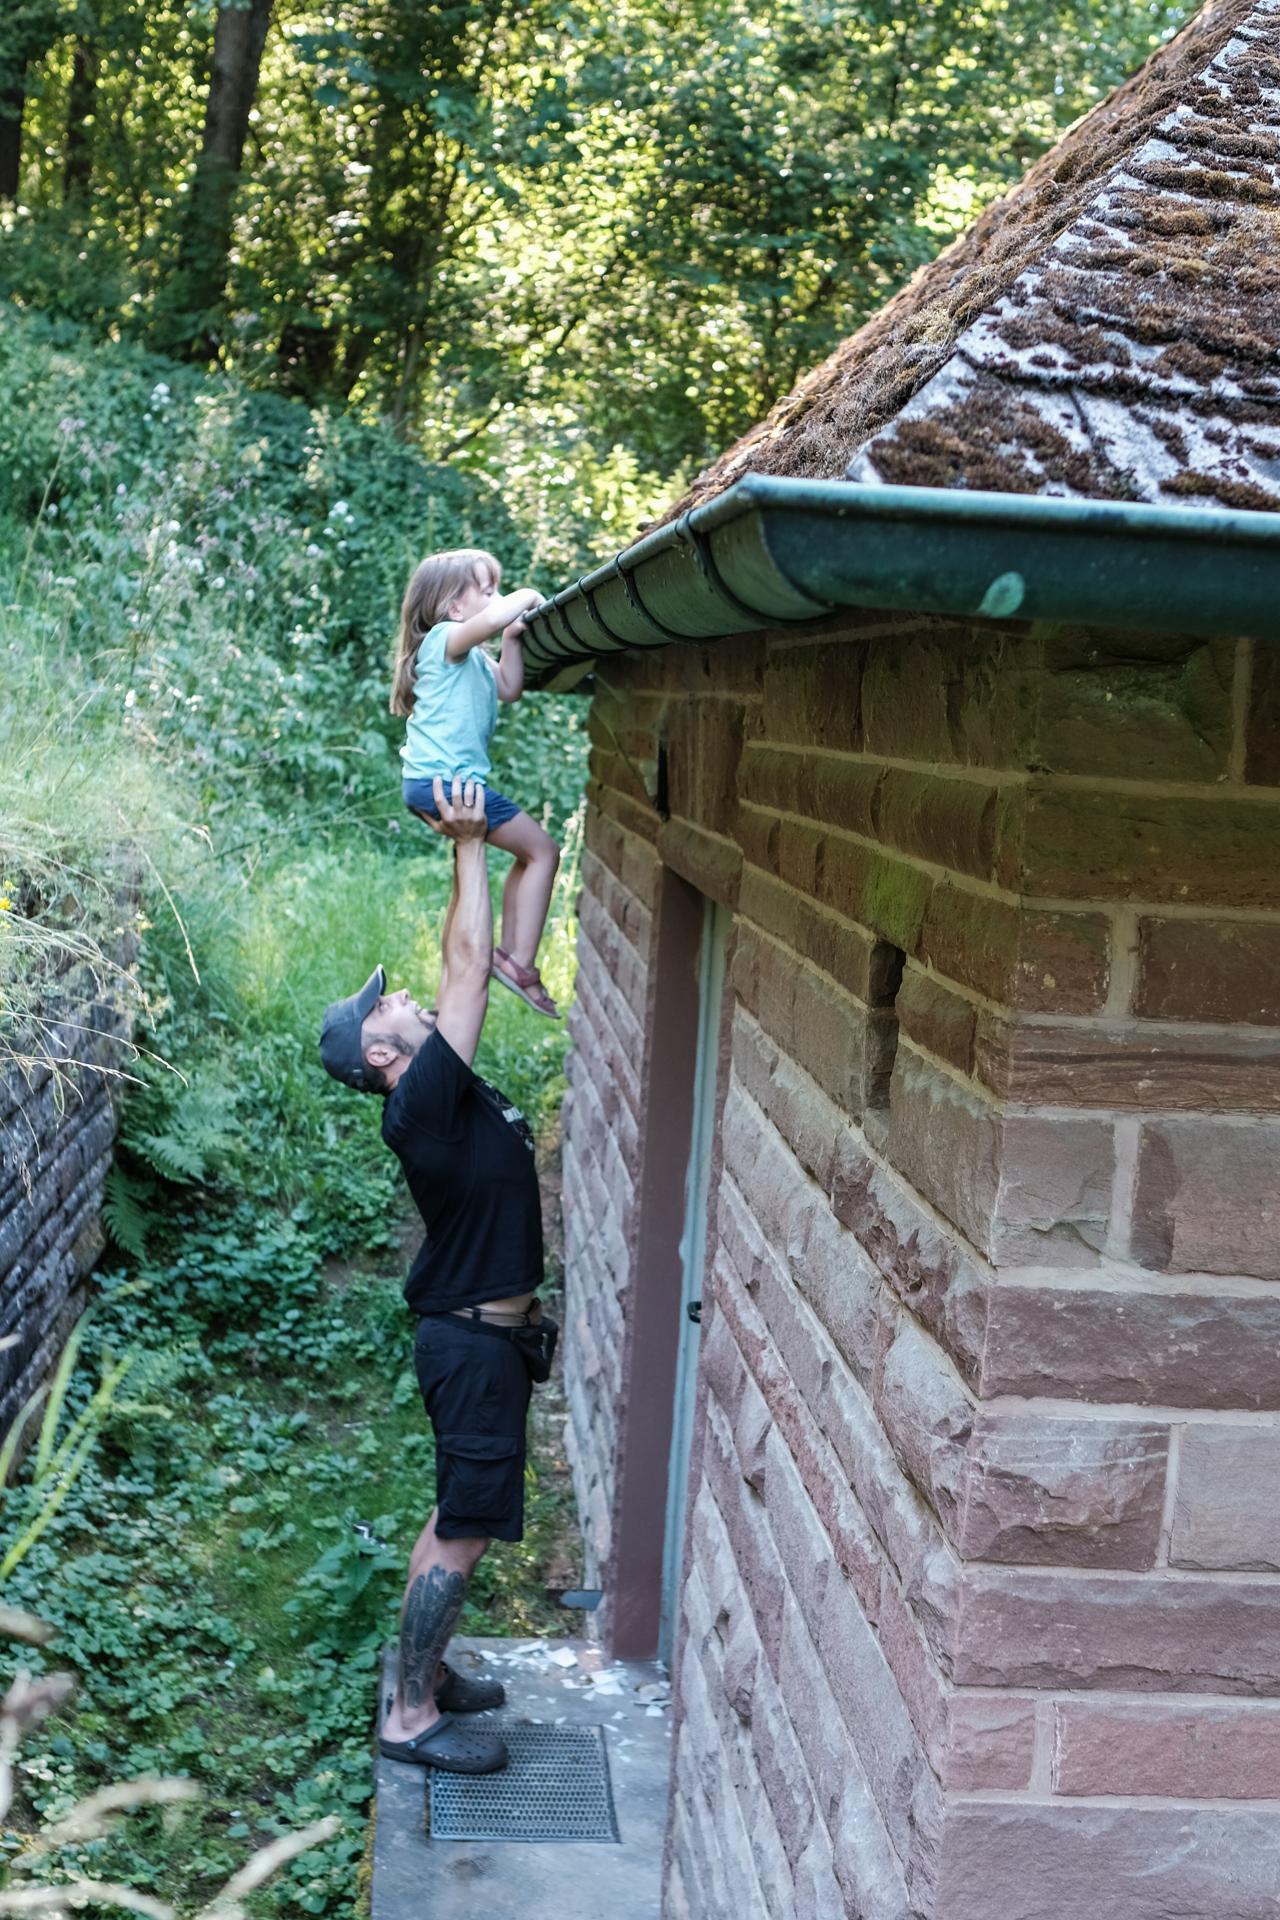 Mann hält Mädchen hoch um einen Geocache aus einer Dachrinne zu holen